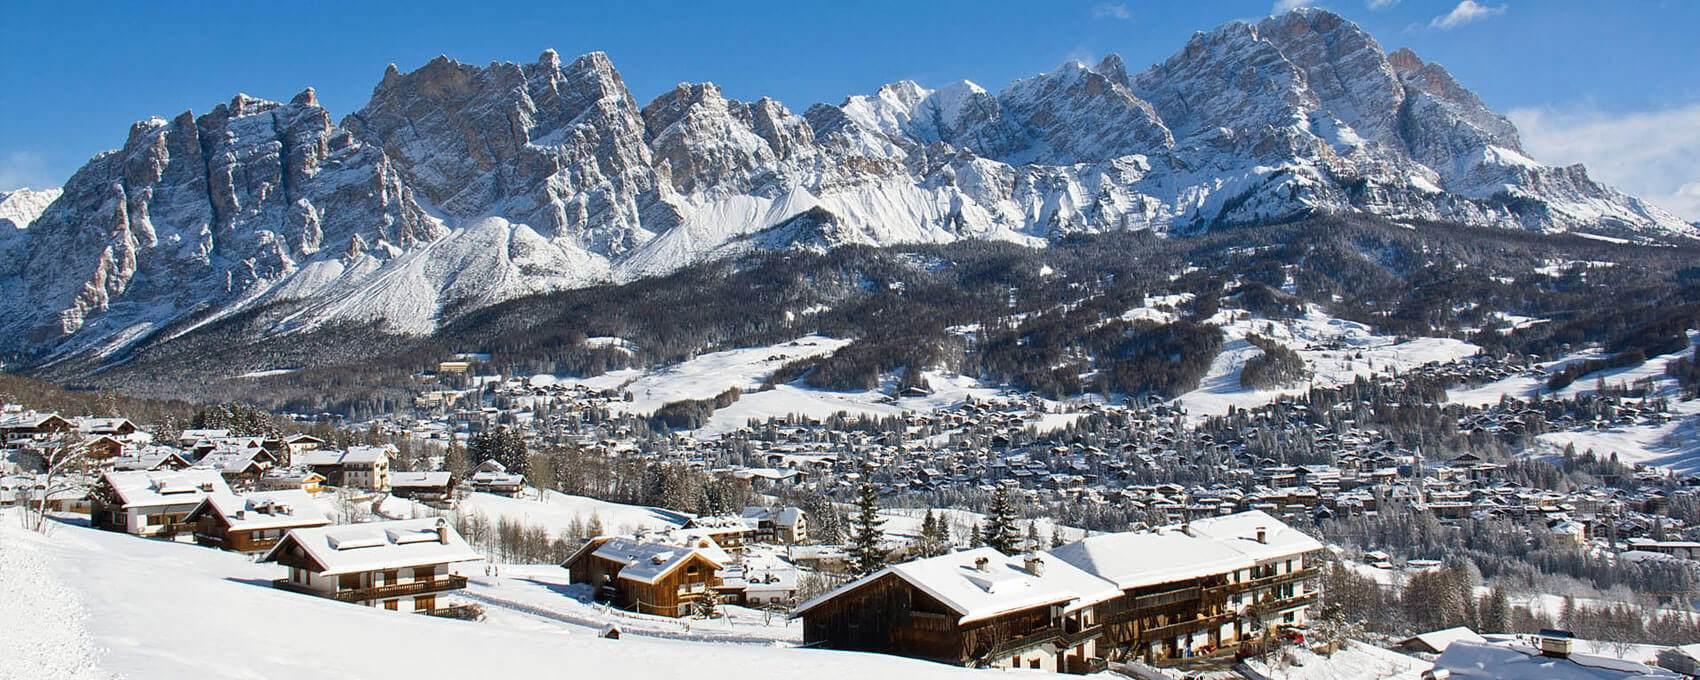 Hotel in the Pedestrian Zone in Cortina